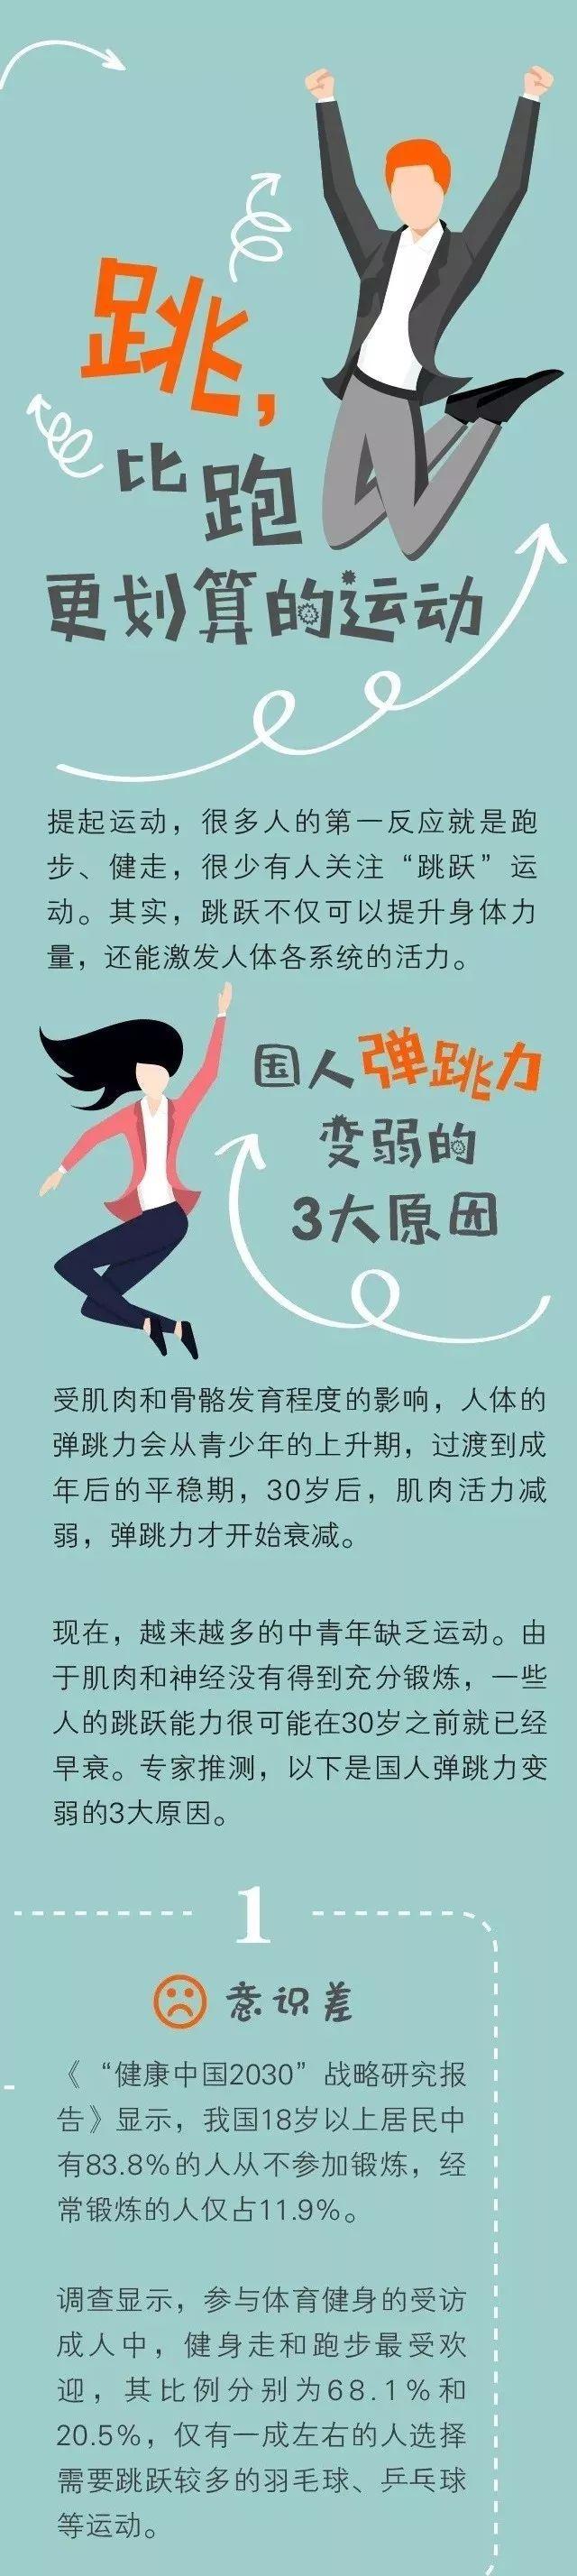 【健康锦囊】学会这个运动姿势,教你跳出生命健康